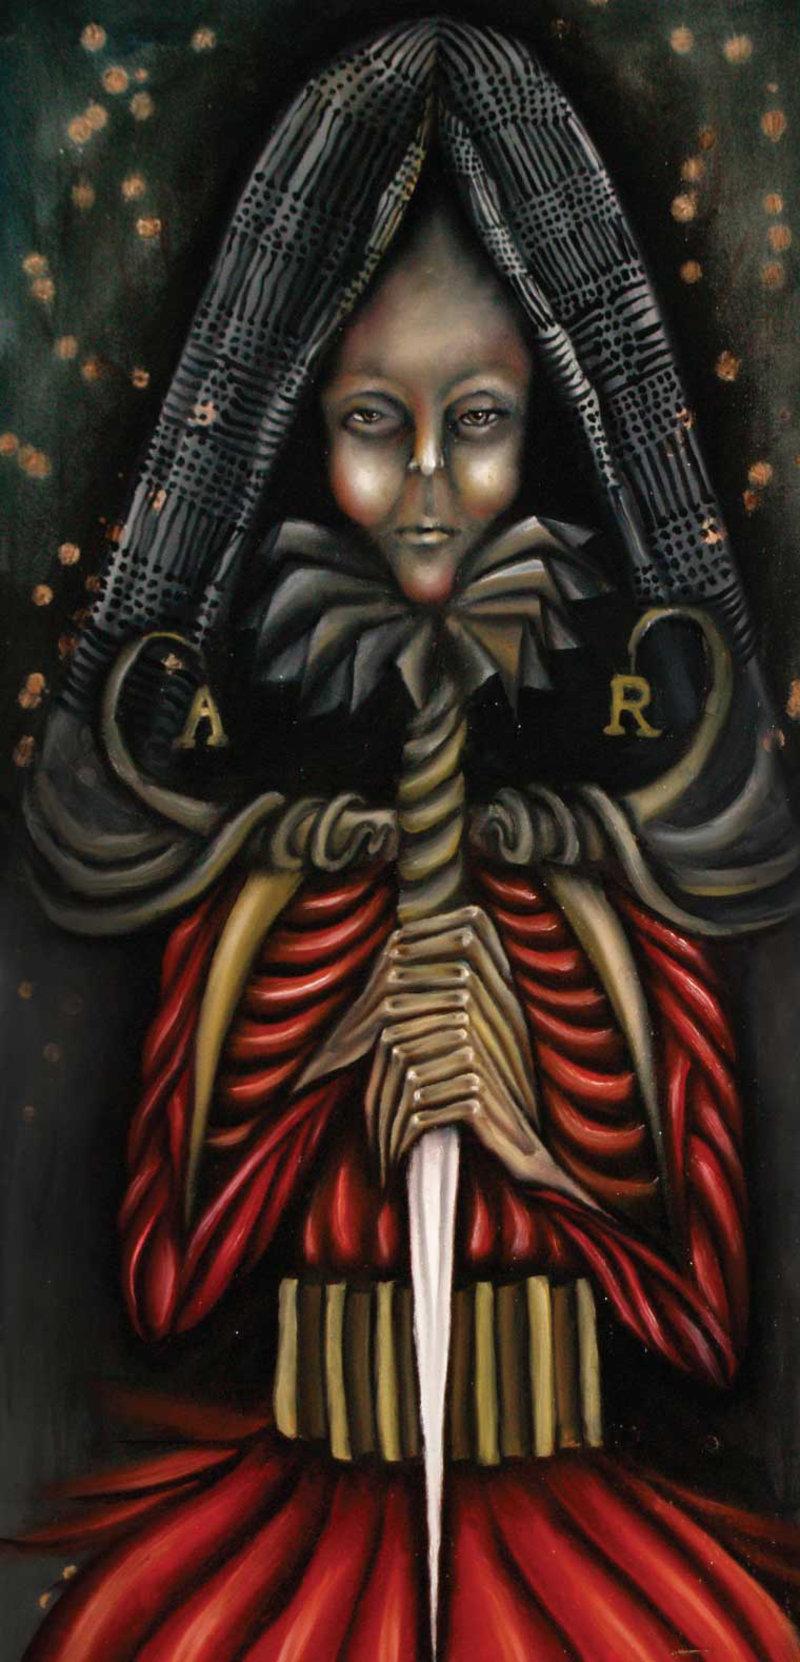 Diana Armas / La dama de la daga blanca | Armas Diana